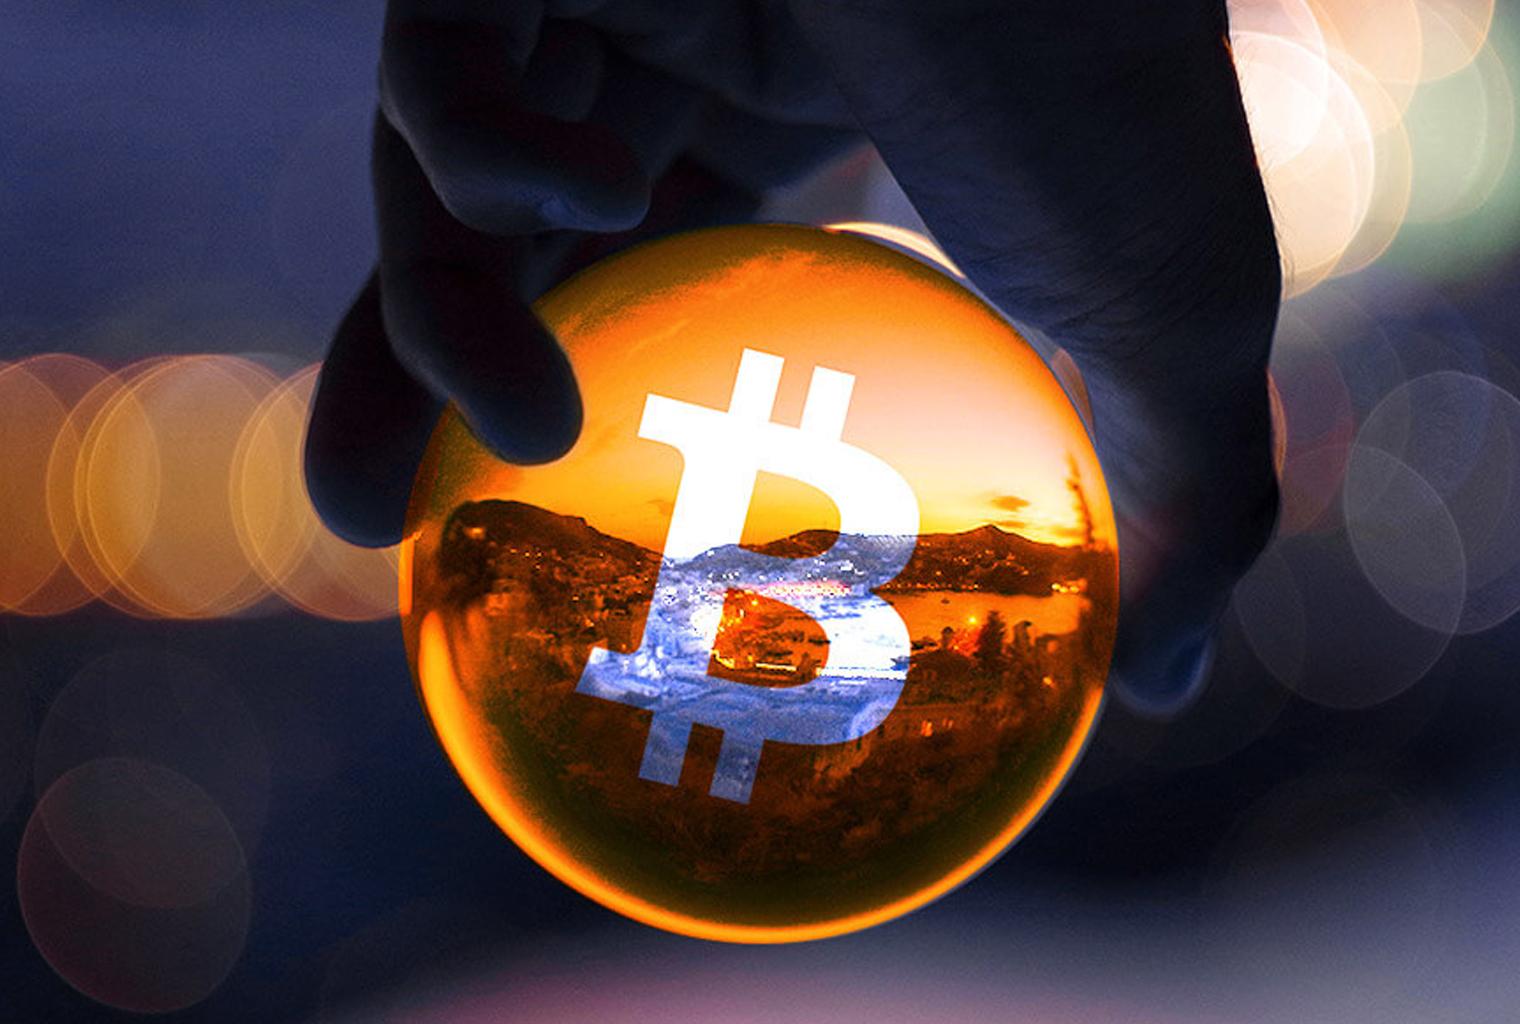 Cómo se reveló el sistema de efectivo entre pares de Bitcoin hace 11 años